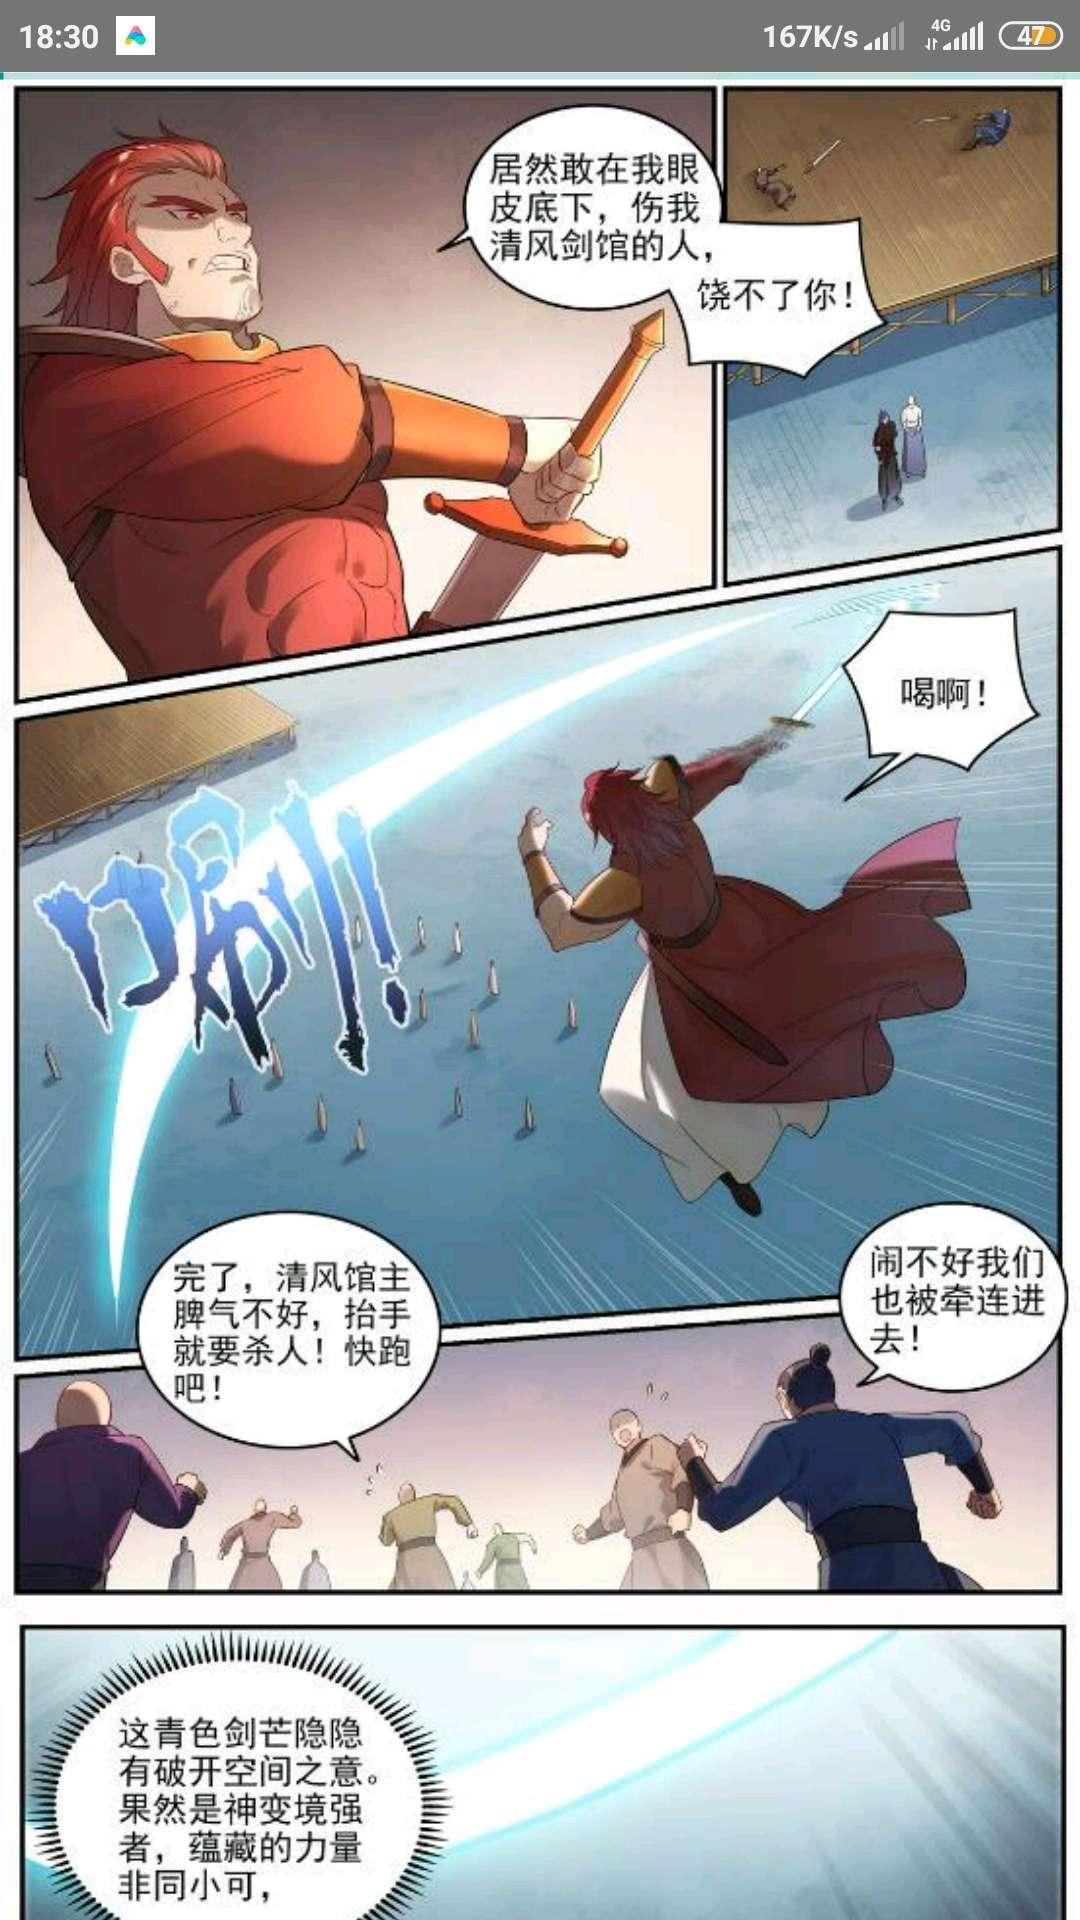 【漫画更新】百炼成神  686觅迹寻踪-小柚妹站